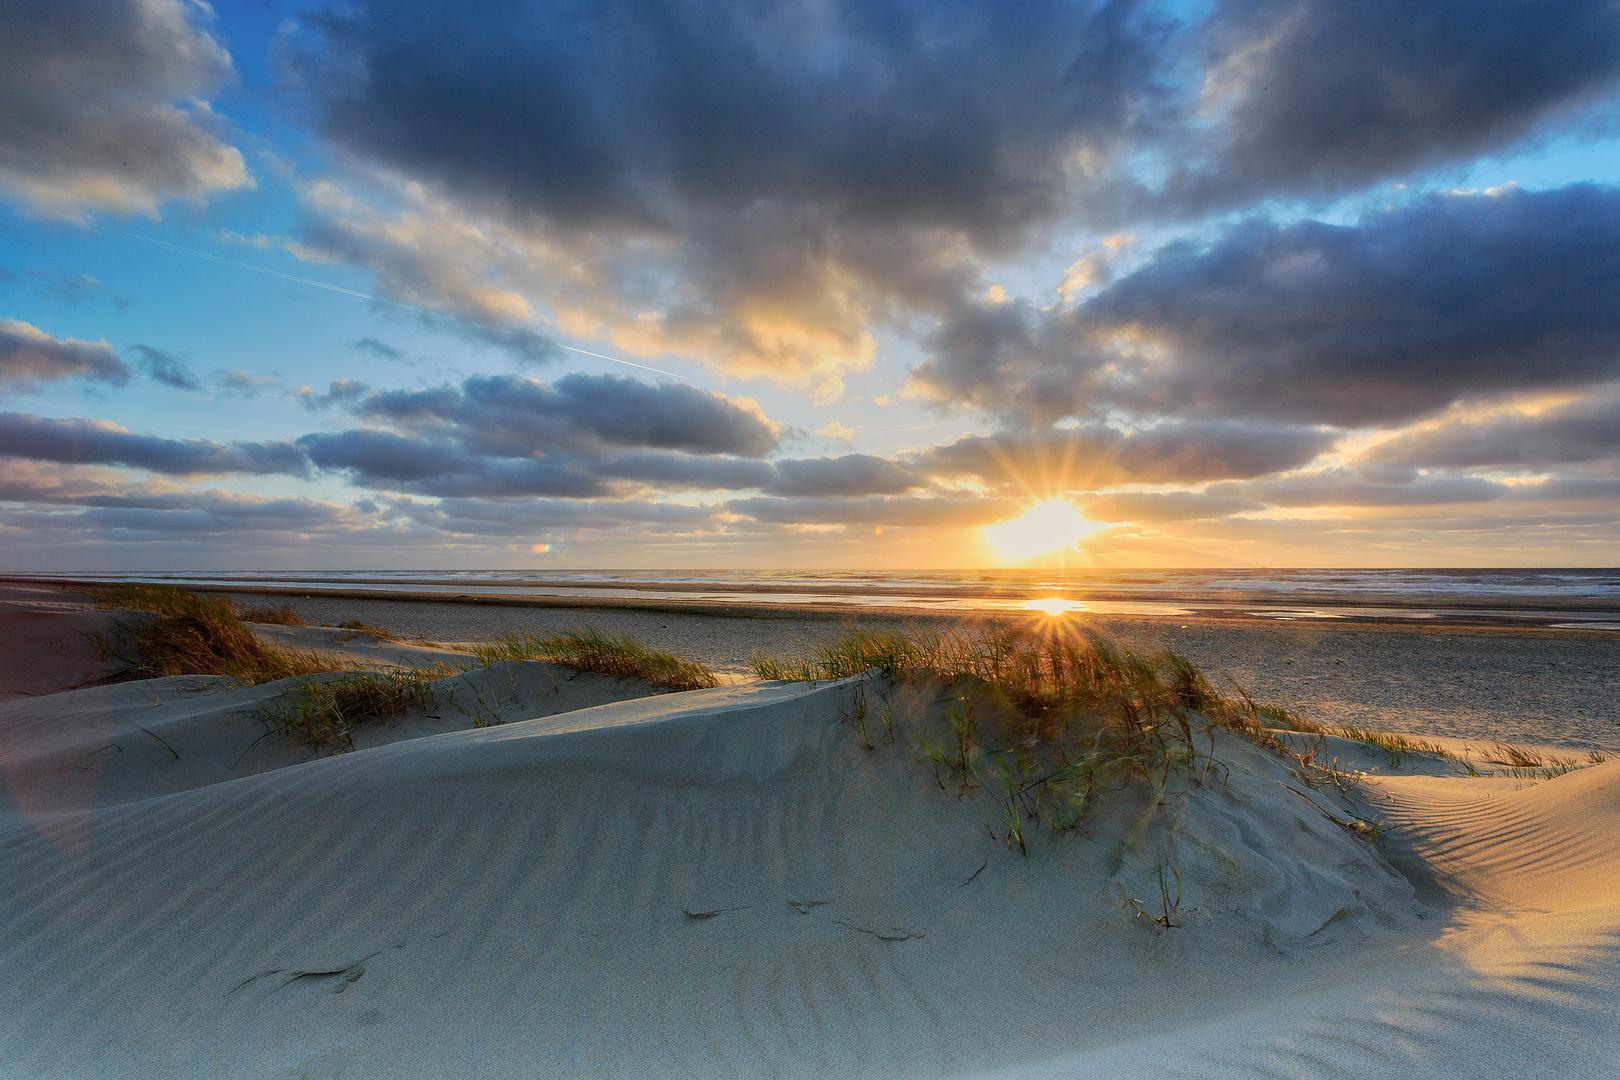 Seaside, Texel, Netherlands